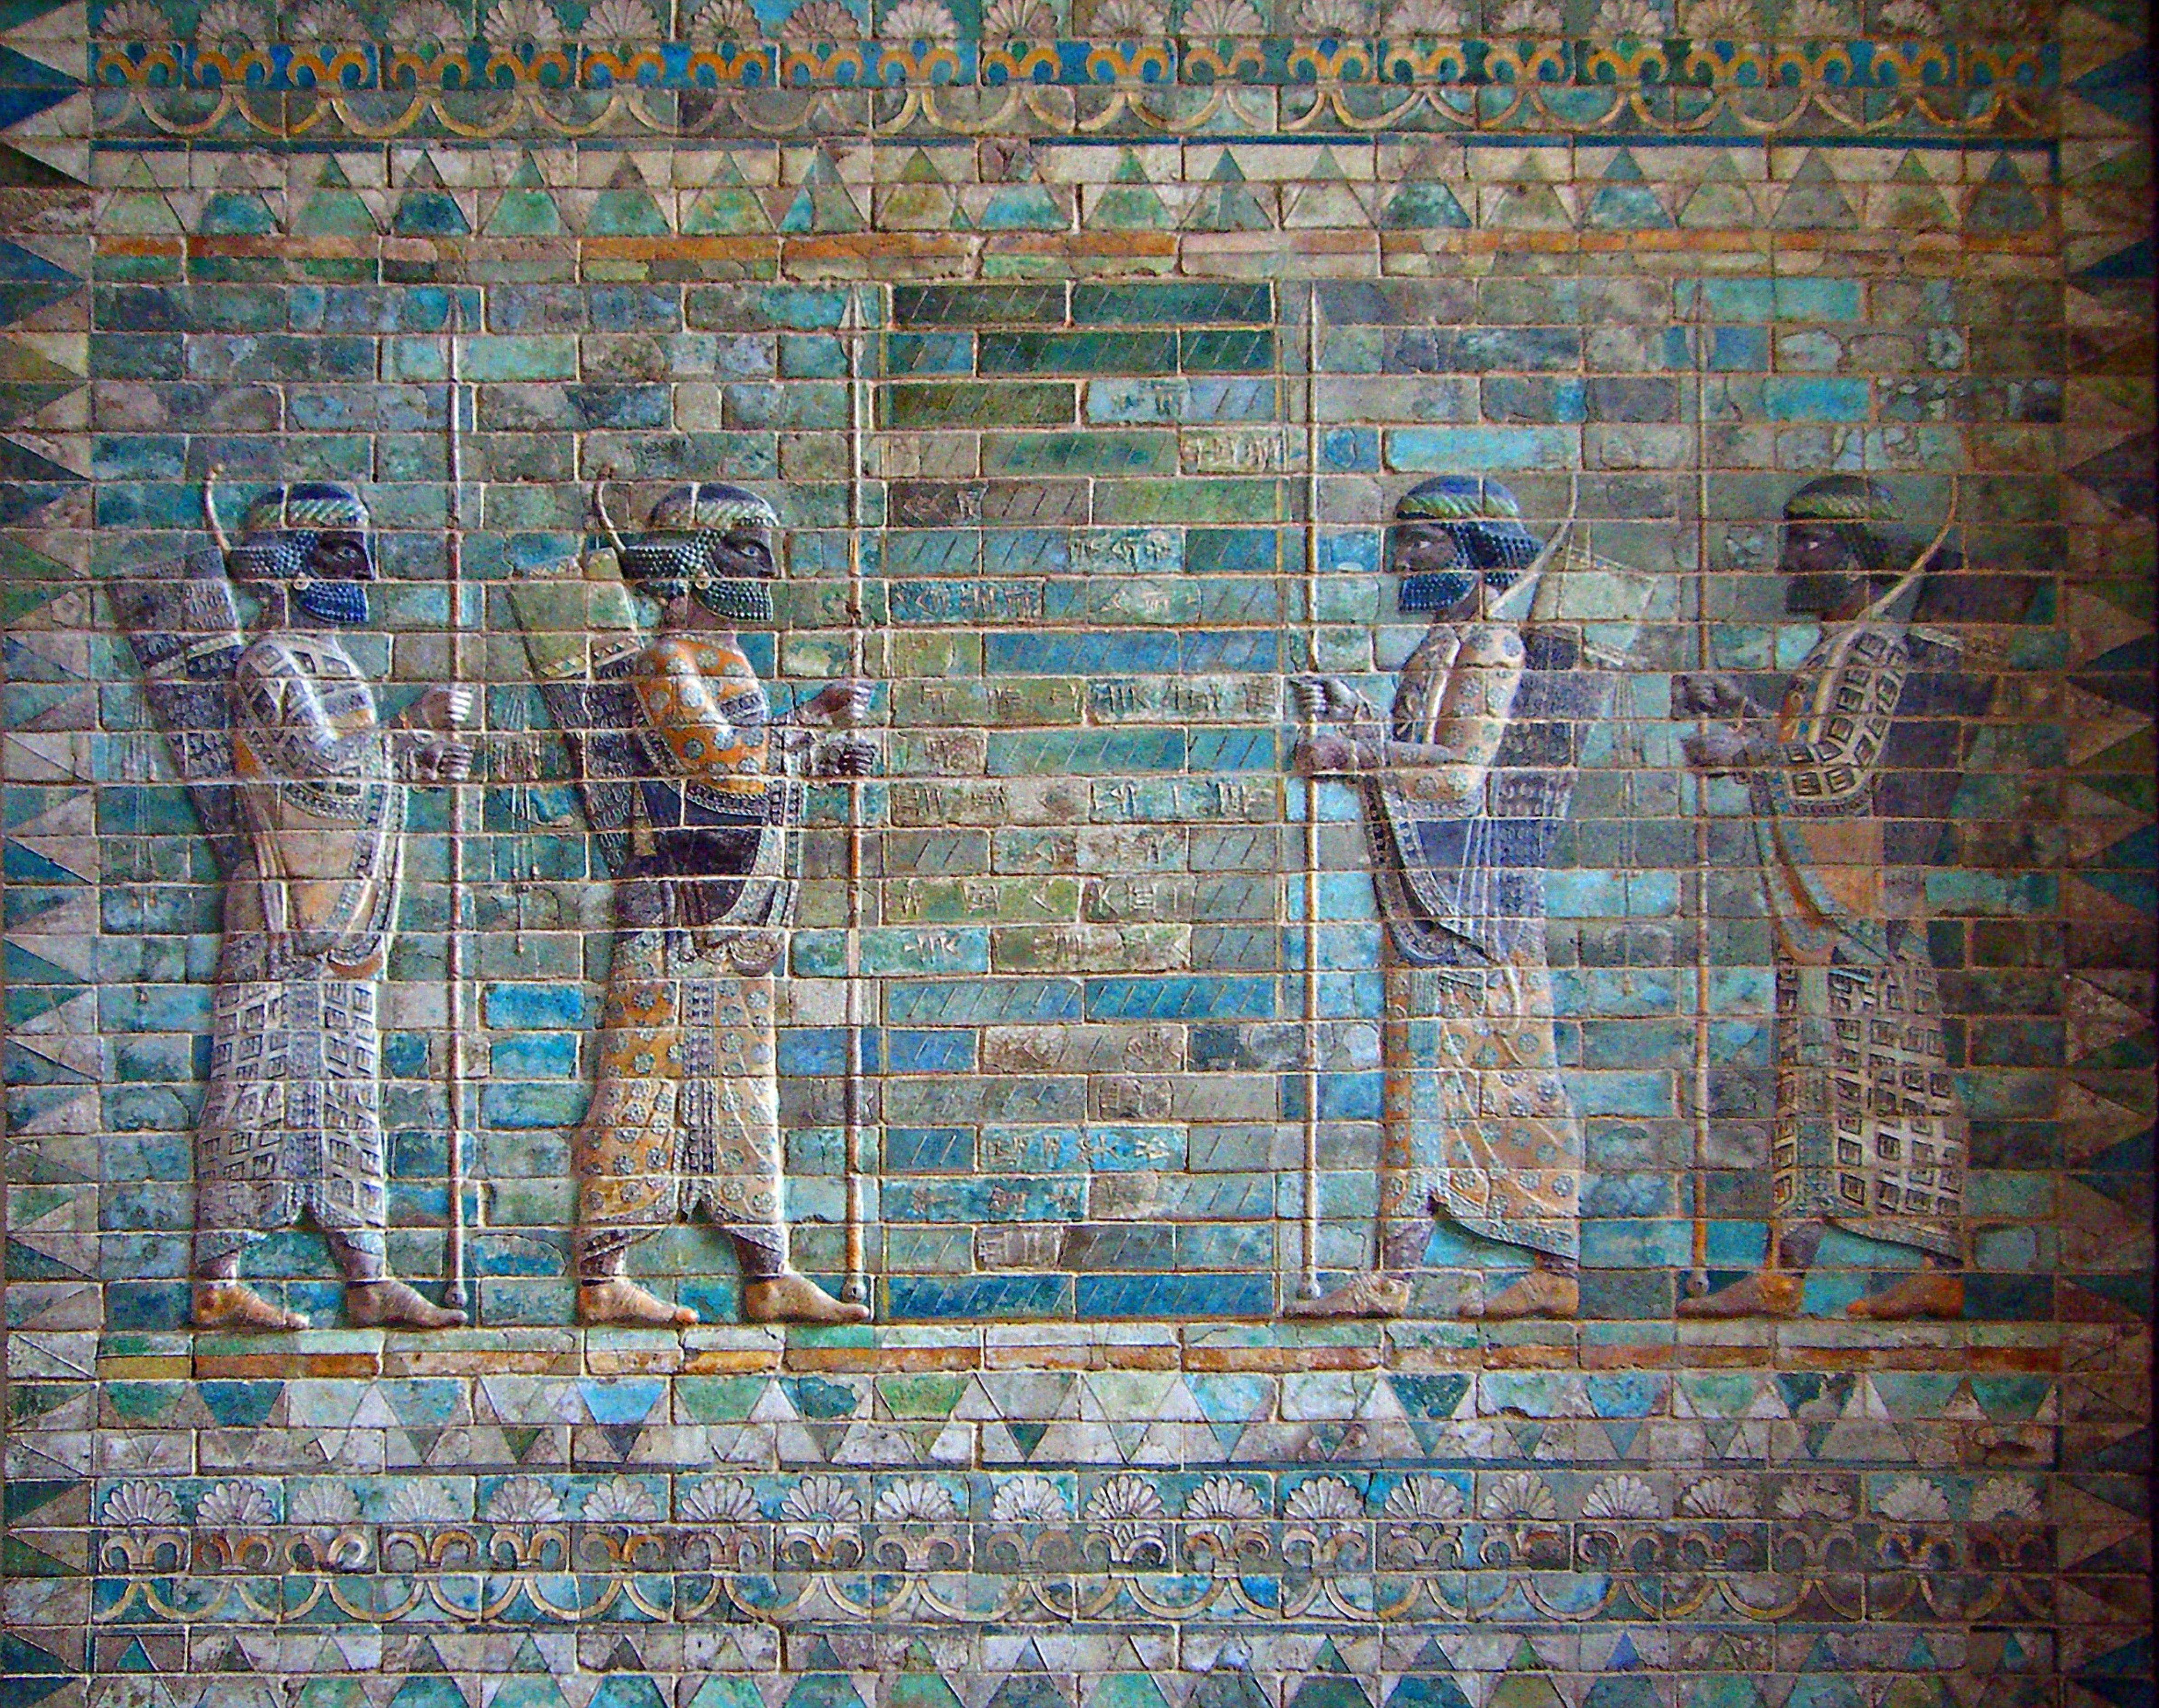 Biography of Darius the Great, Persian King